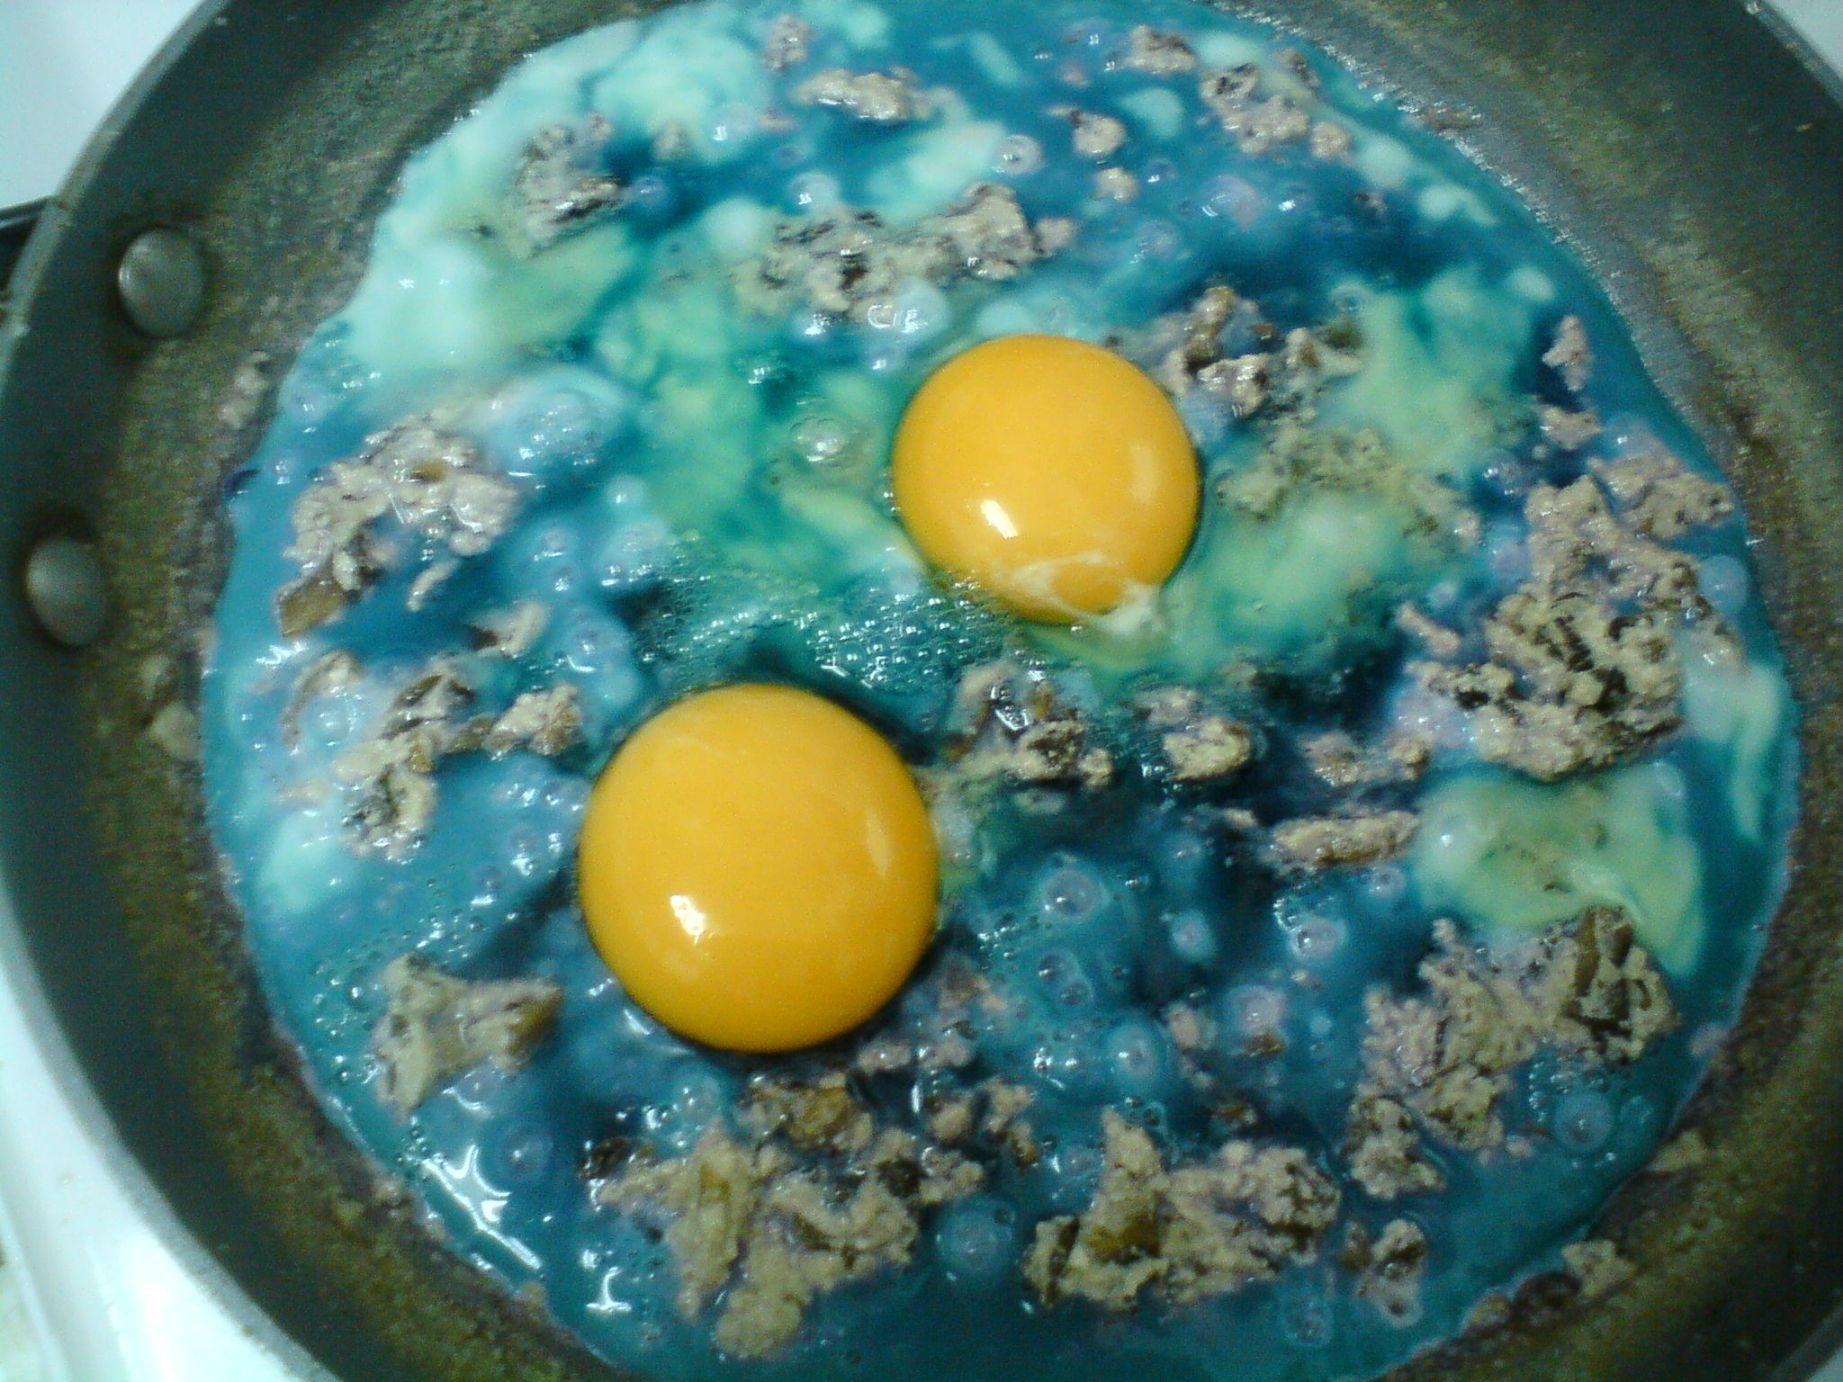 Фото мужика с синими яйцами муж